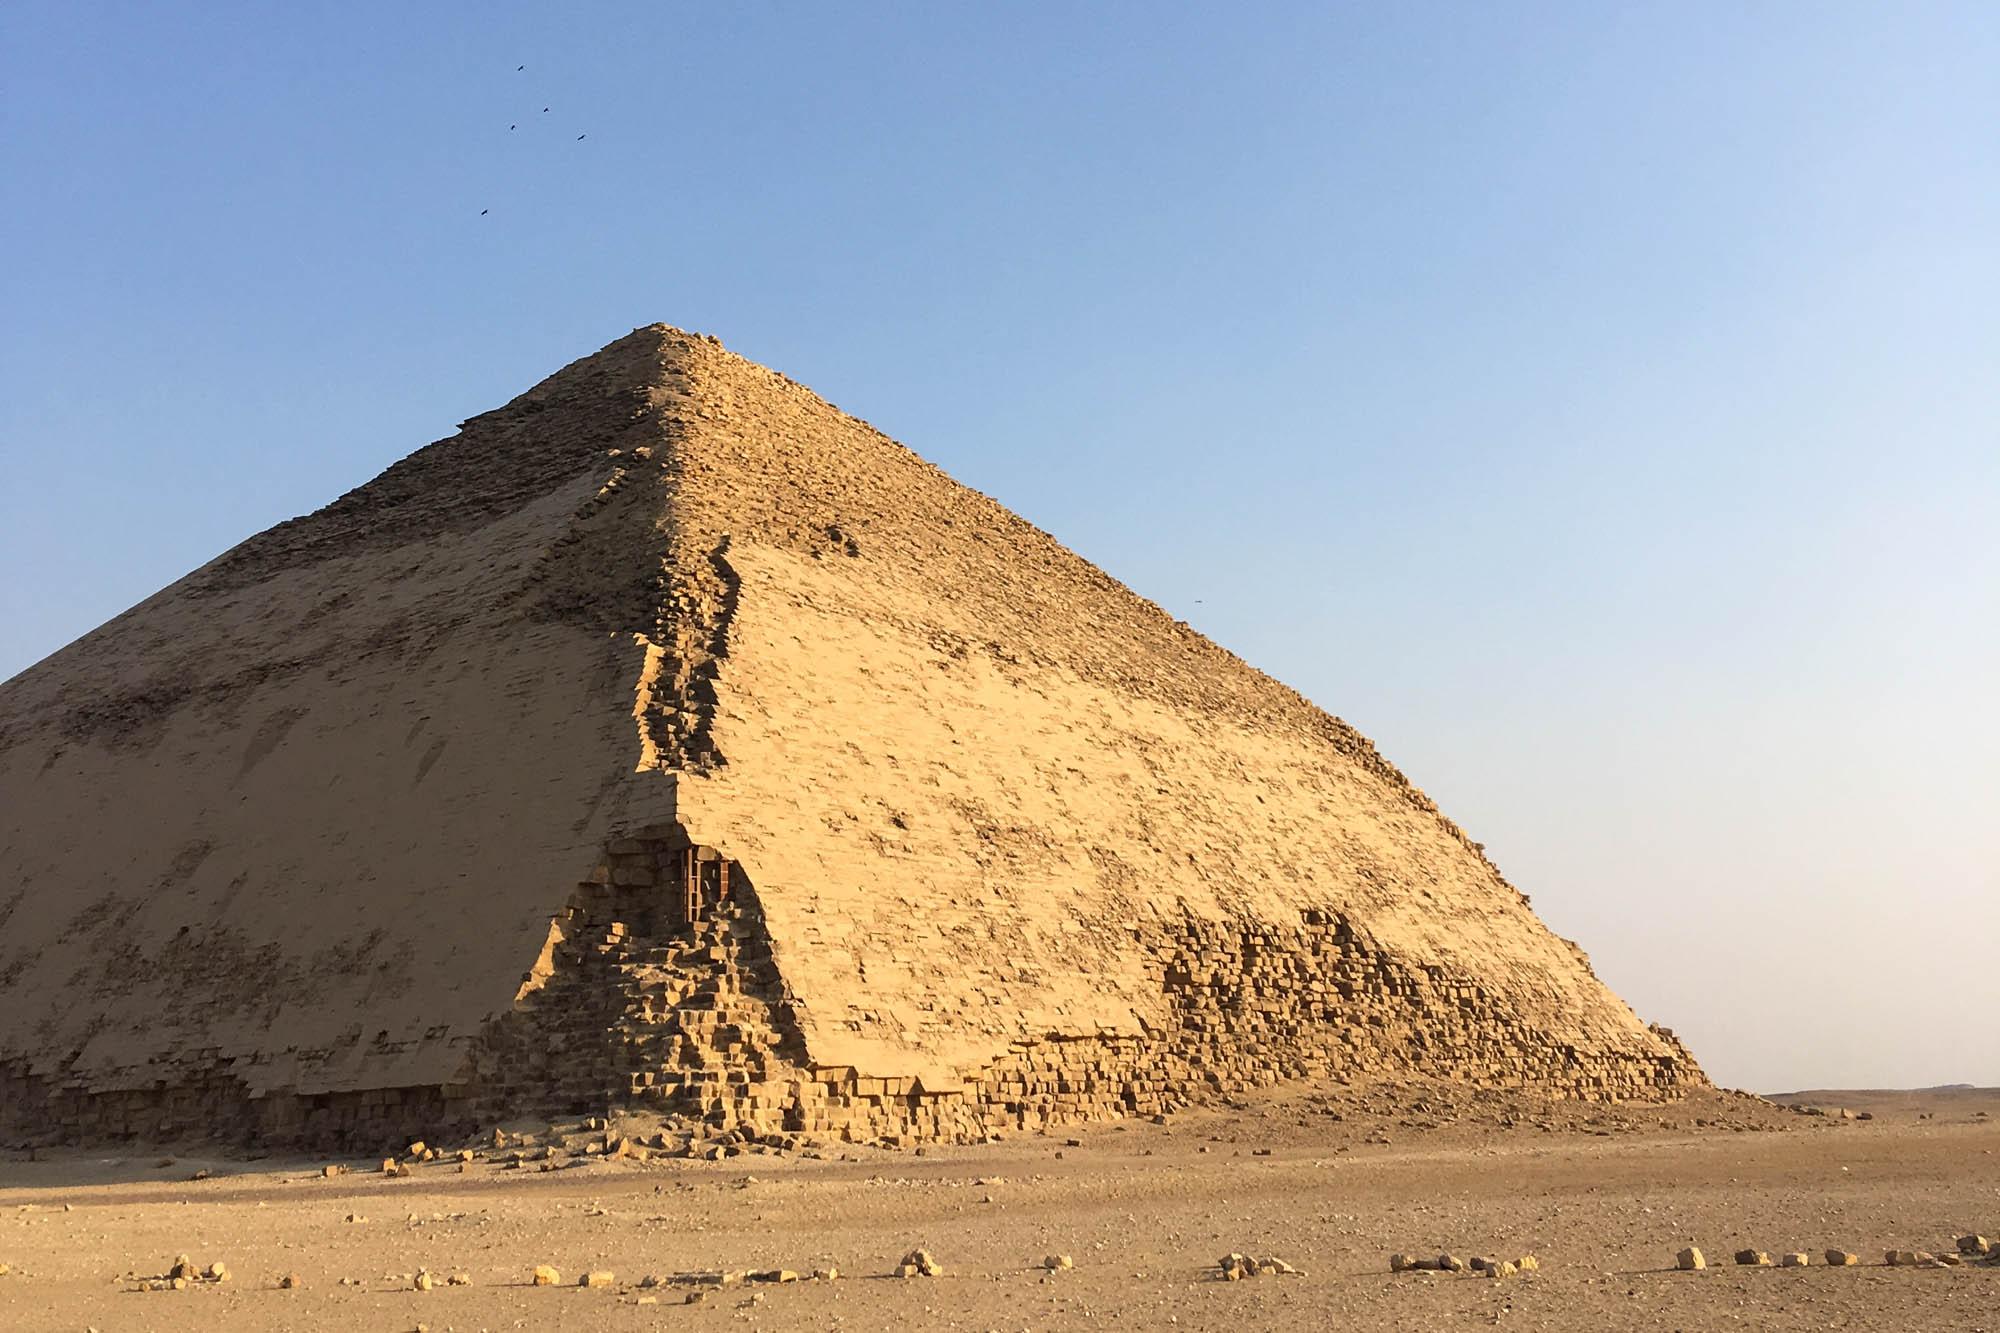 Bevor Snofru seine Rote Pyramide fertigstellen konnte, gab es bereits einen verunglückten Versuch eines Pyramidenbaus in Dahschur, die aufgrund ihrer markanten Form als Knickpyramide bekannt ist. Foto: Lothar Ruttner